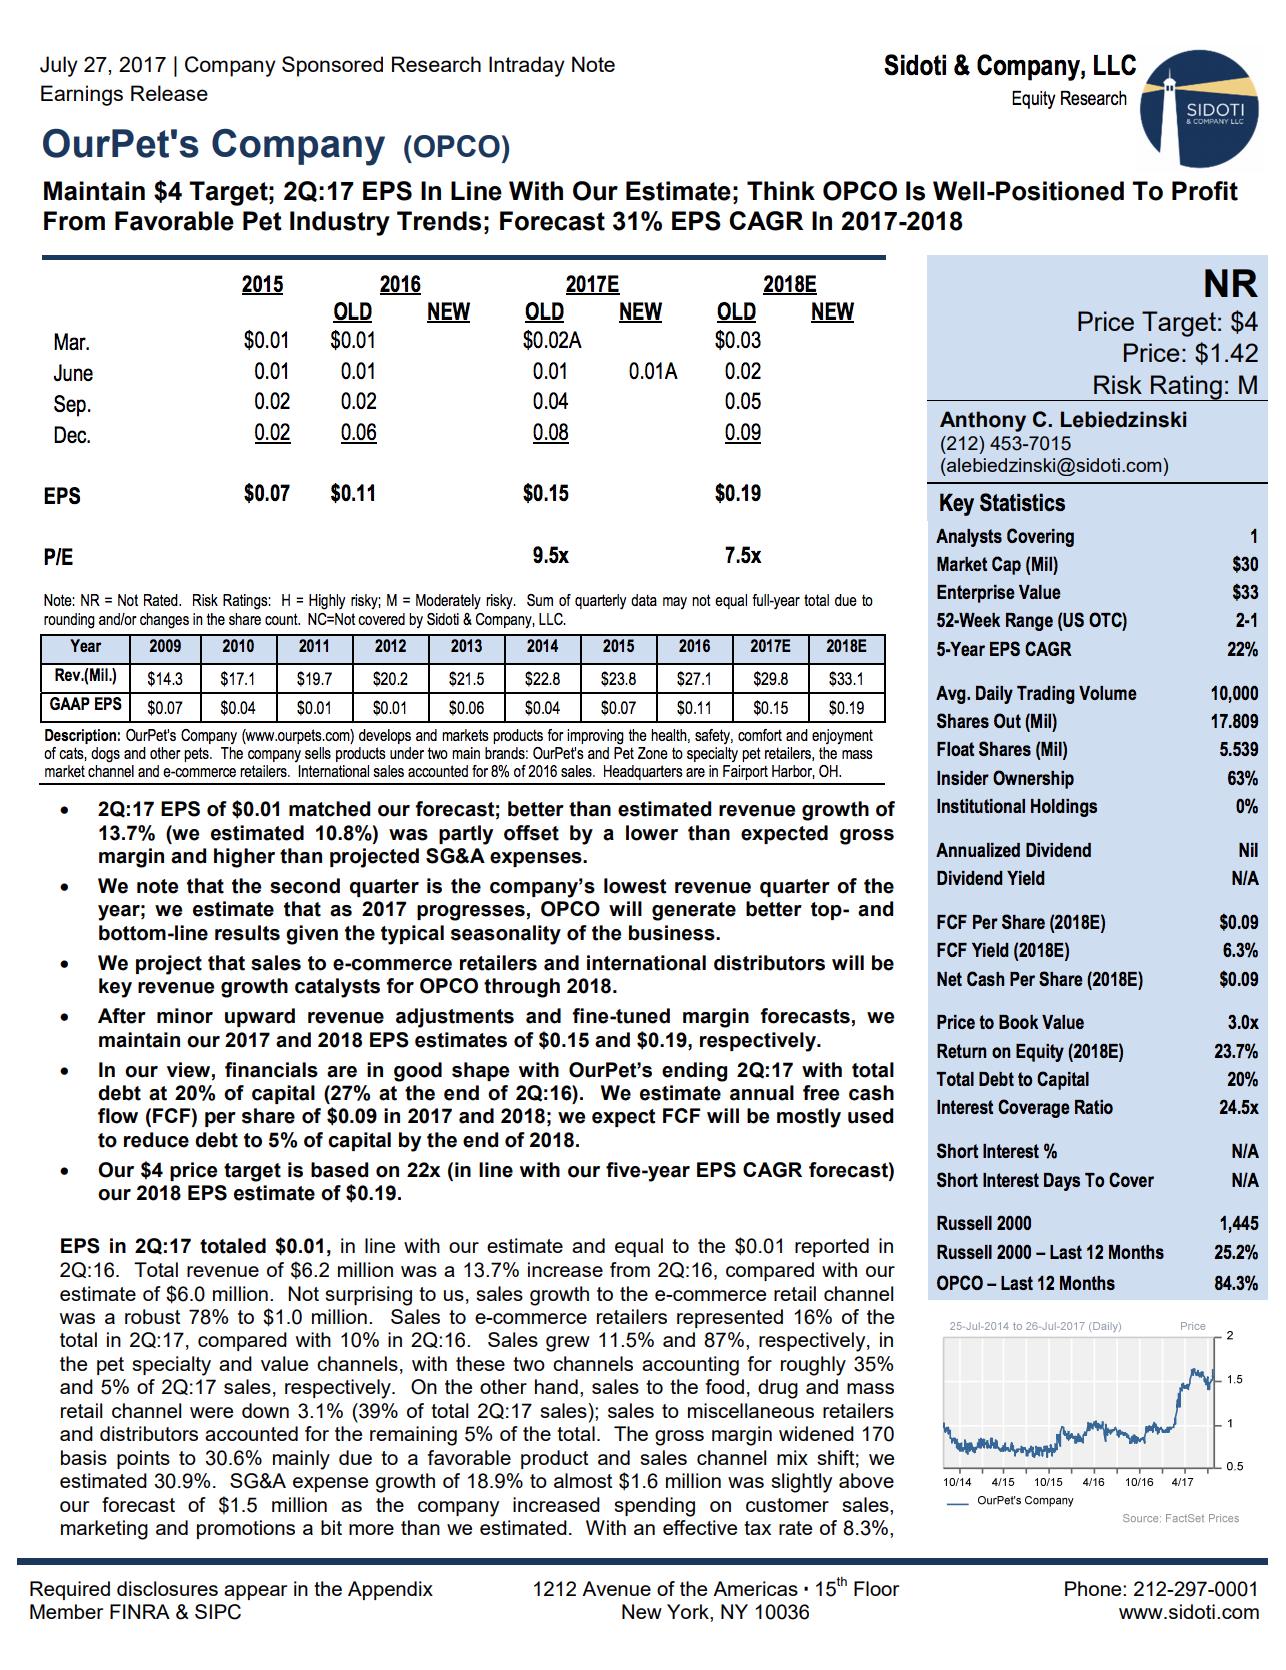 Earnings Report: July 27, 2017